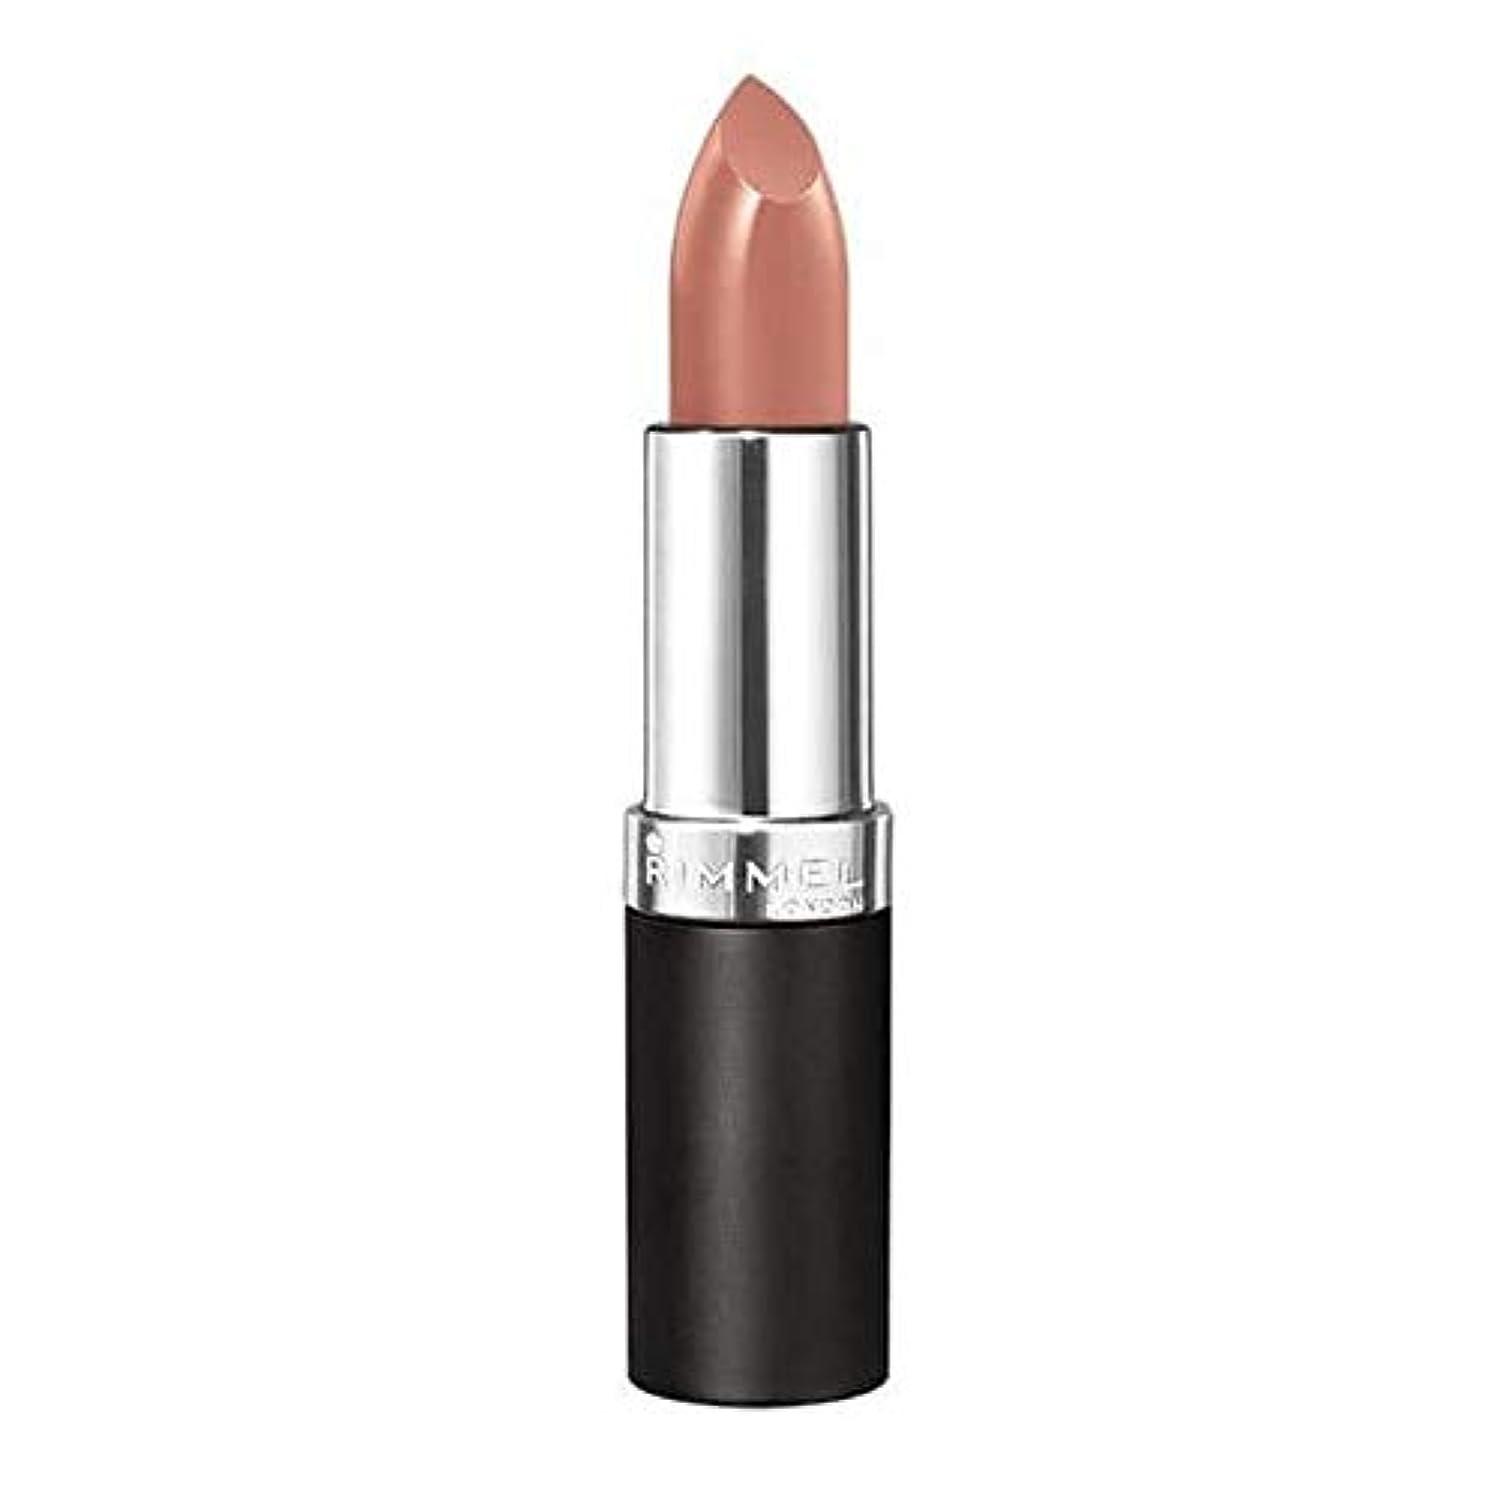 困惑するためにガラガラ[Rimmel ] 衣服を脱いだリンメル持続的な仕上がりのリップスティック - Rimmel Lasting Finish Lipstick Unclothed [並行輸入品]